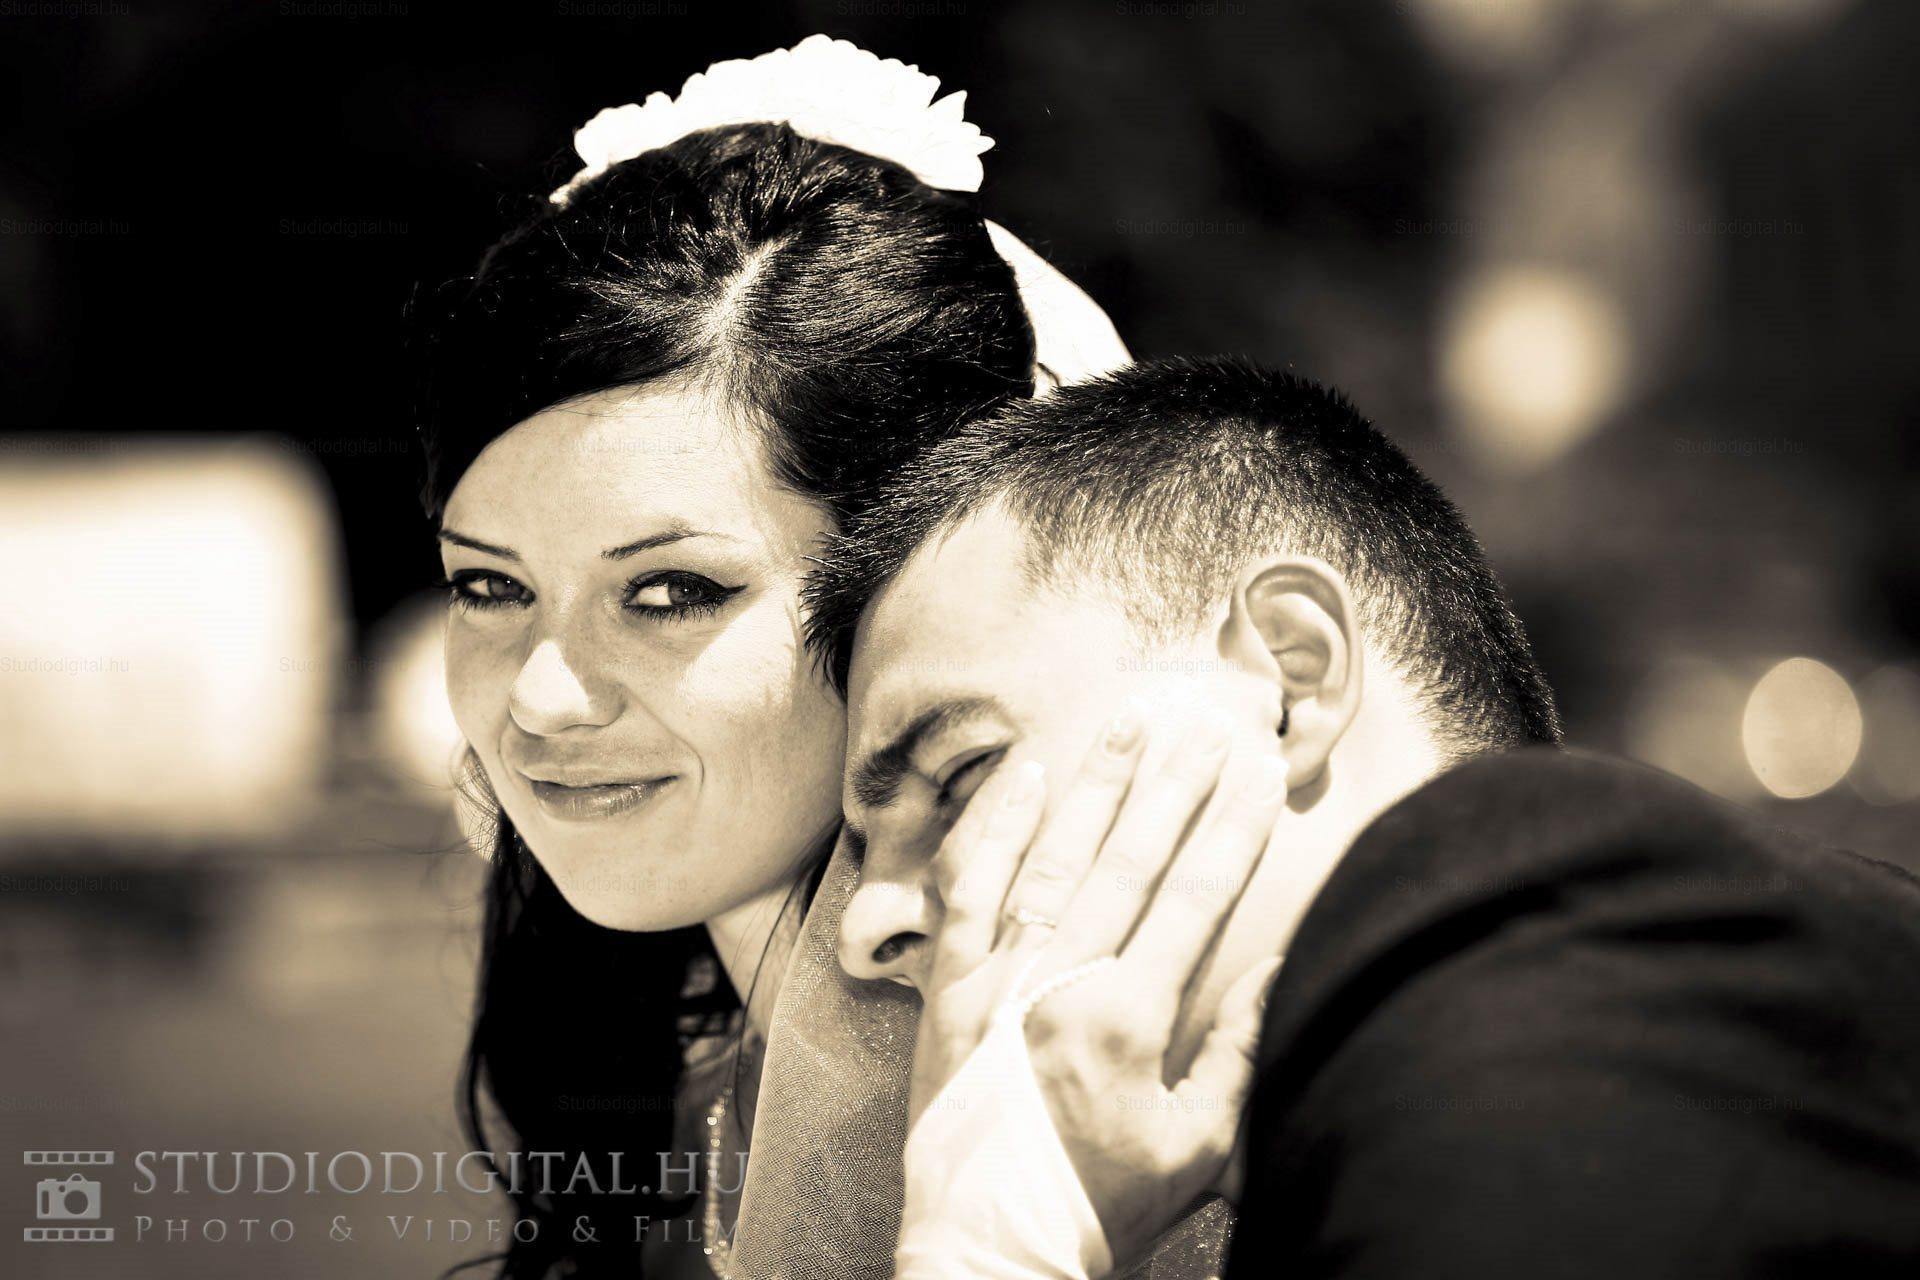 Kreatív-esküvői-fotó-174